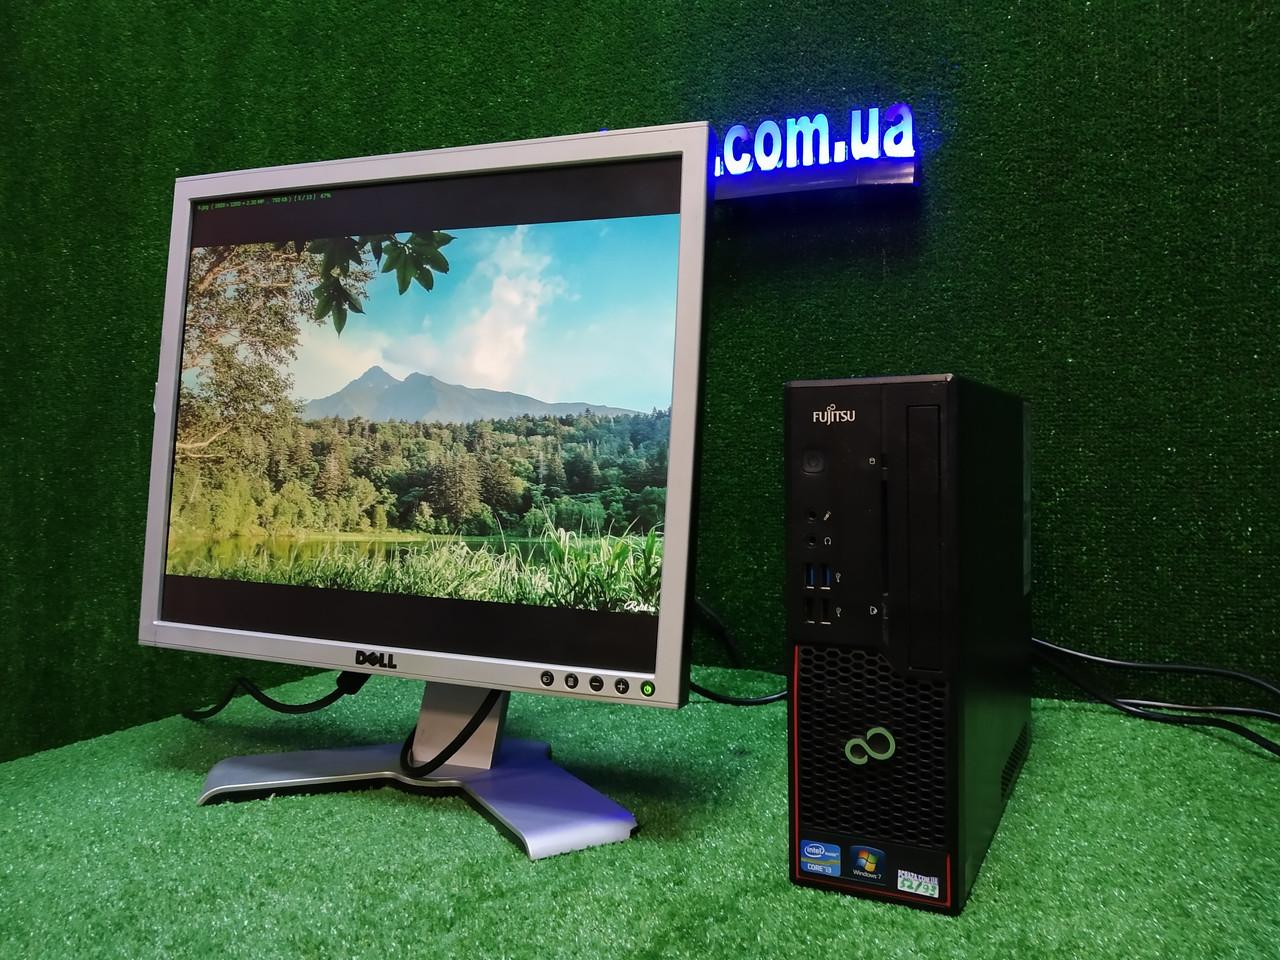 """ПК +монитор 19"""", i3-3220 3.3, 4 ГБ, 160 Гб, 2xCOM, 10 USB, USB 3.0 Настроен. Германия!"""